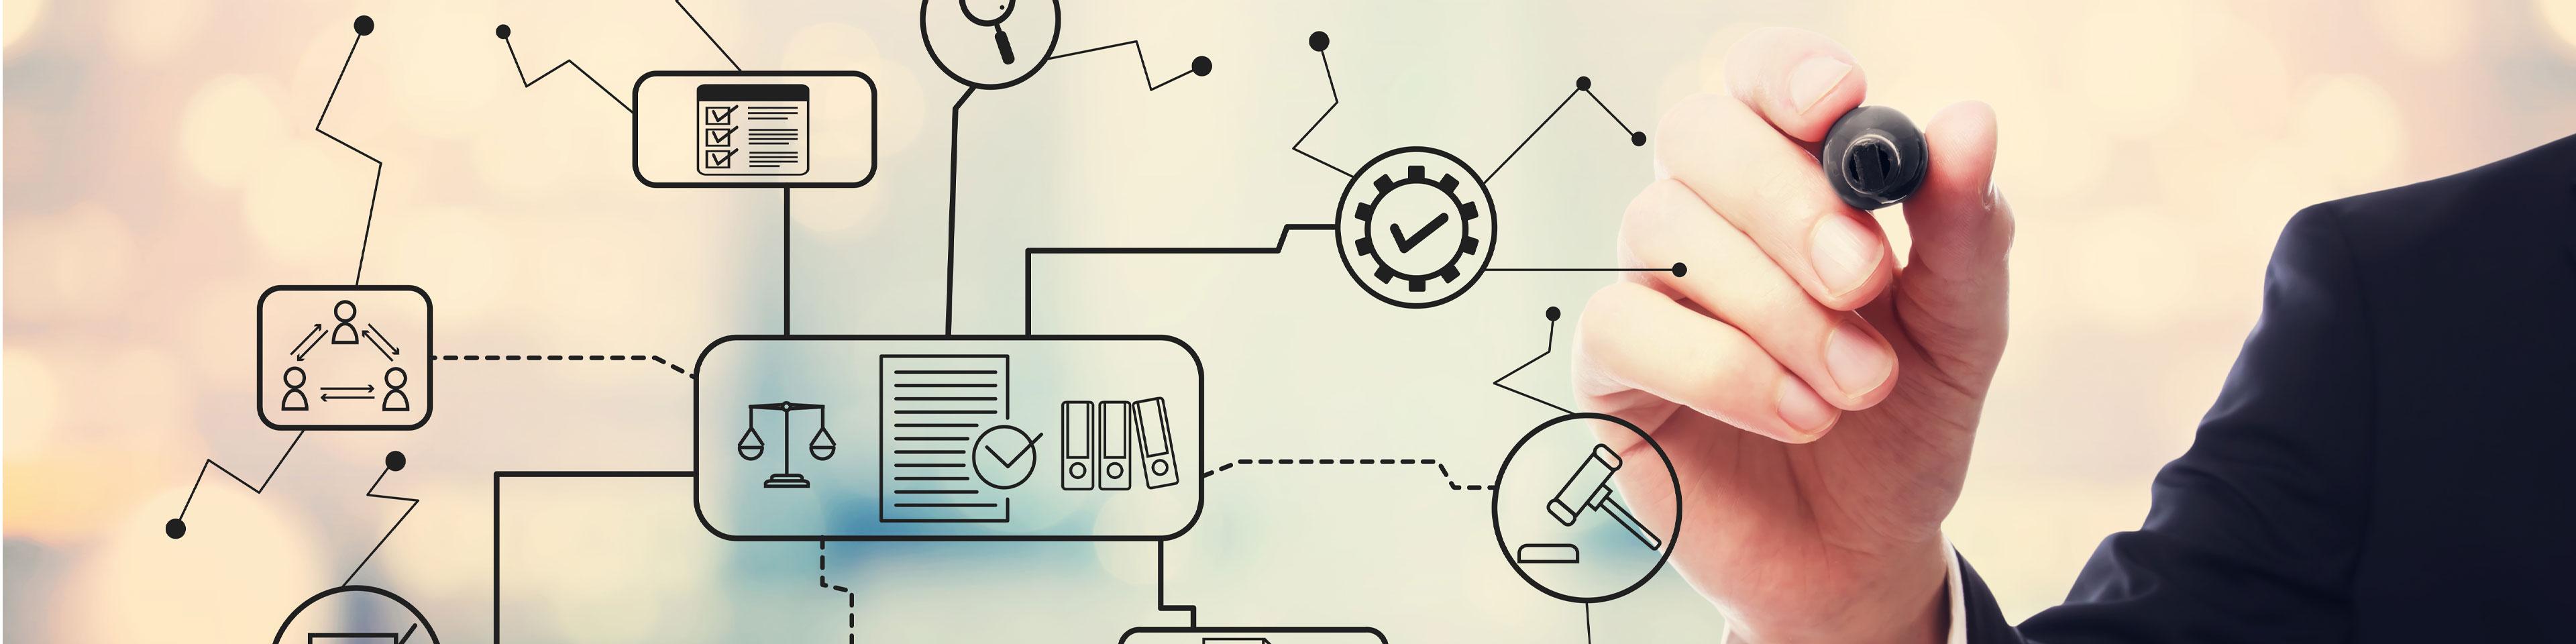 Understanding Project Audit Frameworks